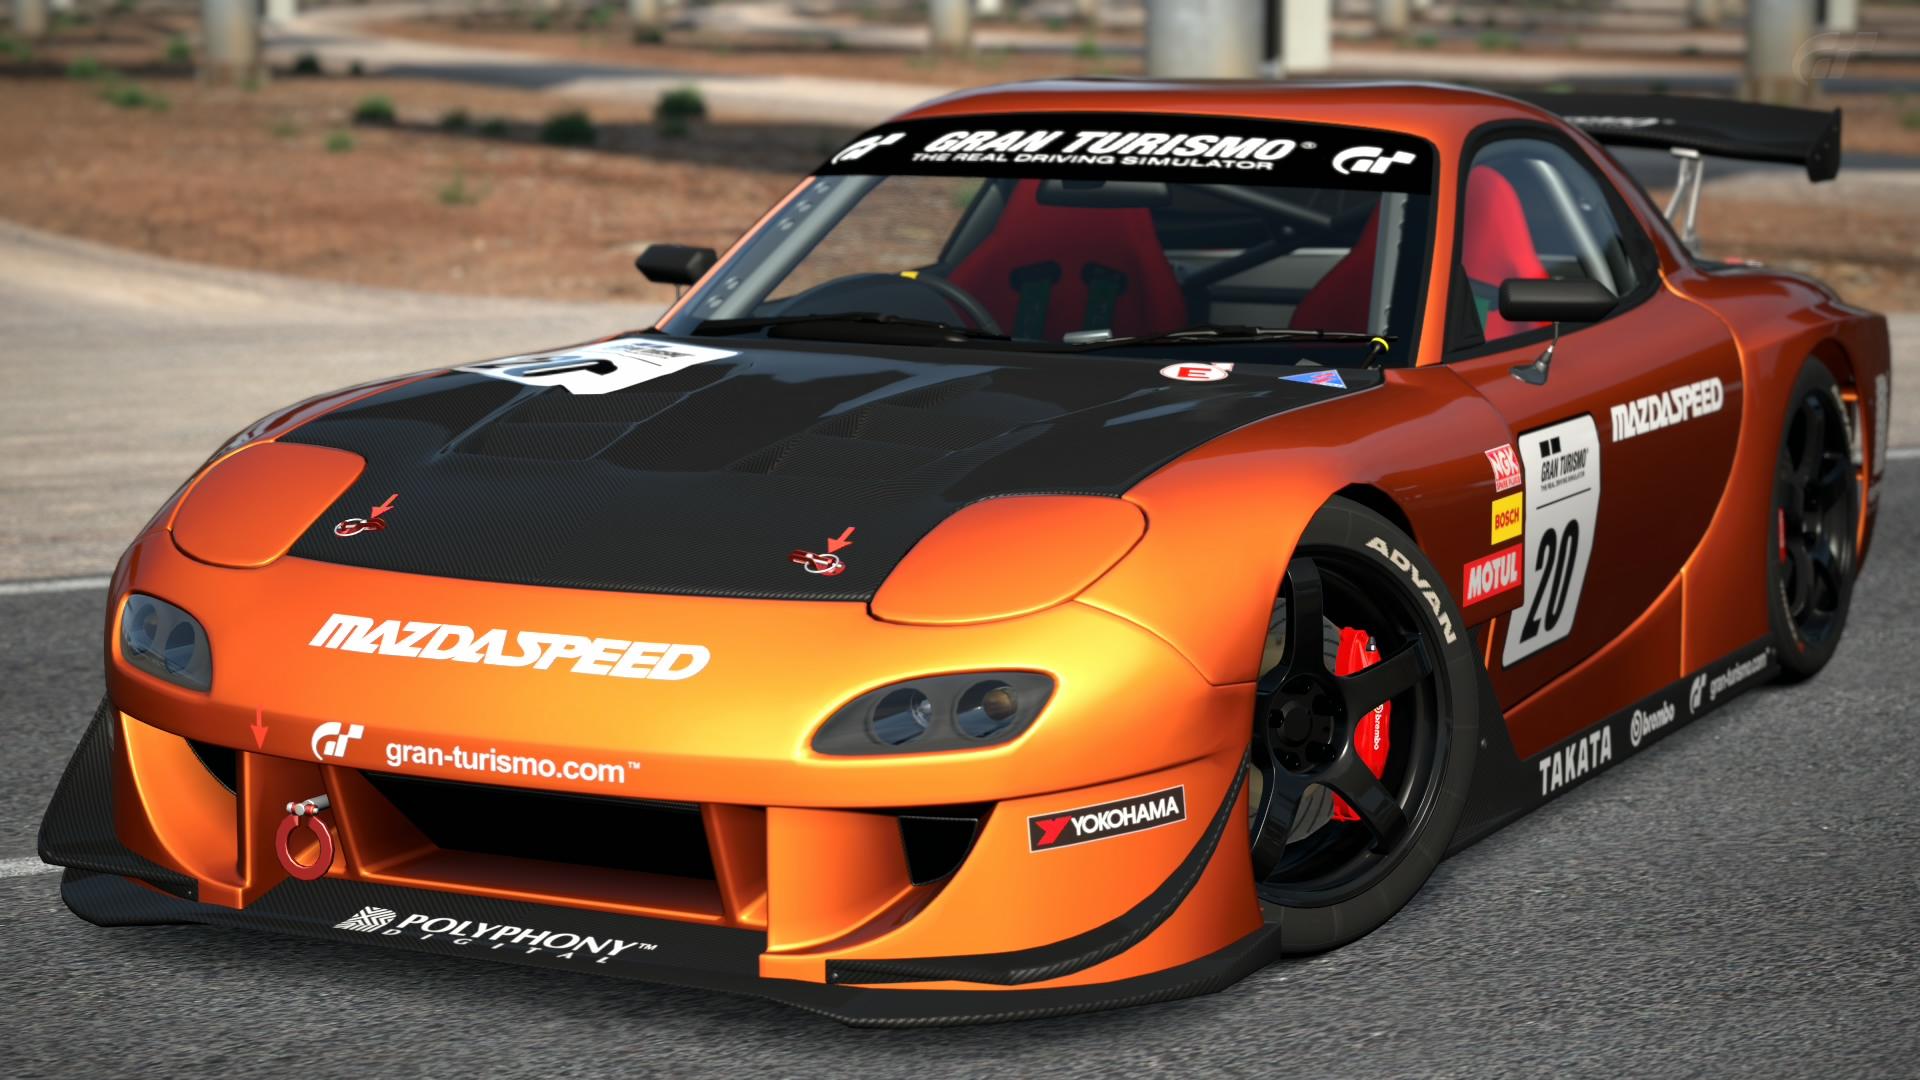 Mazda Rx 7 Touring Car Gran Turismo Wiki Fandom Powered By Wikia